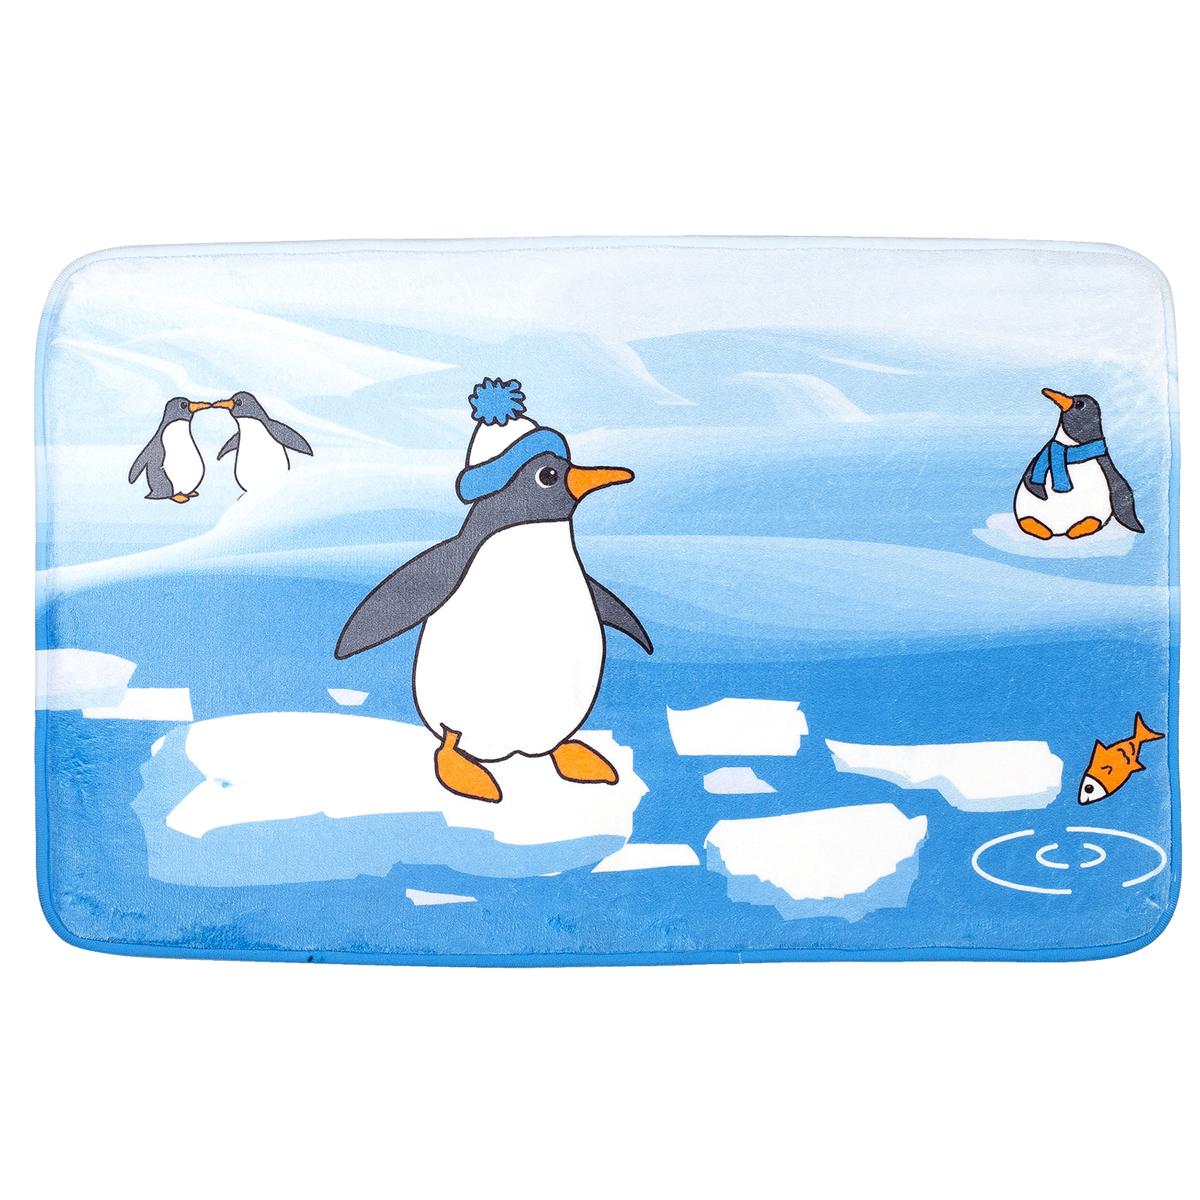 Коврик для ванной комнаты Tatkraft Penguins, 50 х 80 смWHMR24-221Коврик для ванной комнаты Tatkraft Penguins изготовлен из микрофибры Ultra Soft - мягкого, приятного на ощупь материала. Коврик отлично поглощает и впитывает влагу. Основание - противоскользящее, оно предотвращает скольжение коврика по полу. Яркий красочный рисунок с изображением пингвинов внесет оригинальную нотку в интерьер ванной комнаты. Коврики Tatkraft - прекрасное решение для ванной комнаты. Можно стирать в стиральной машине.